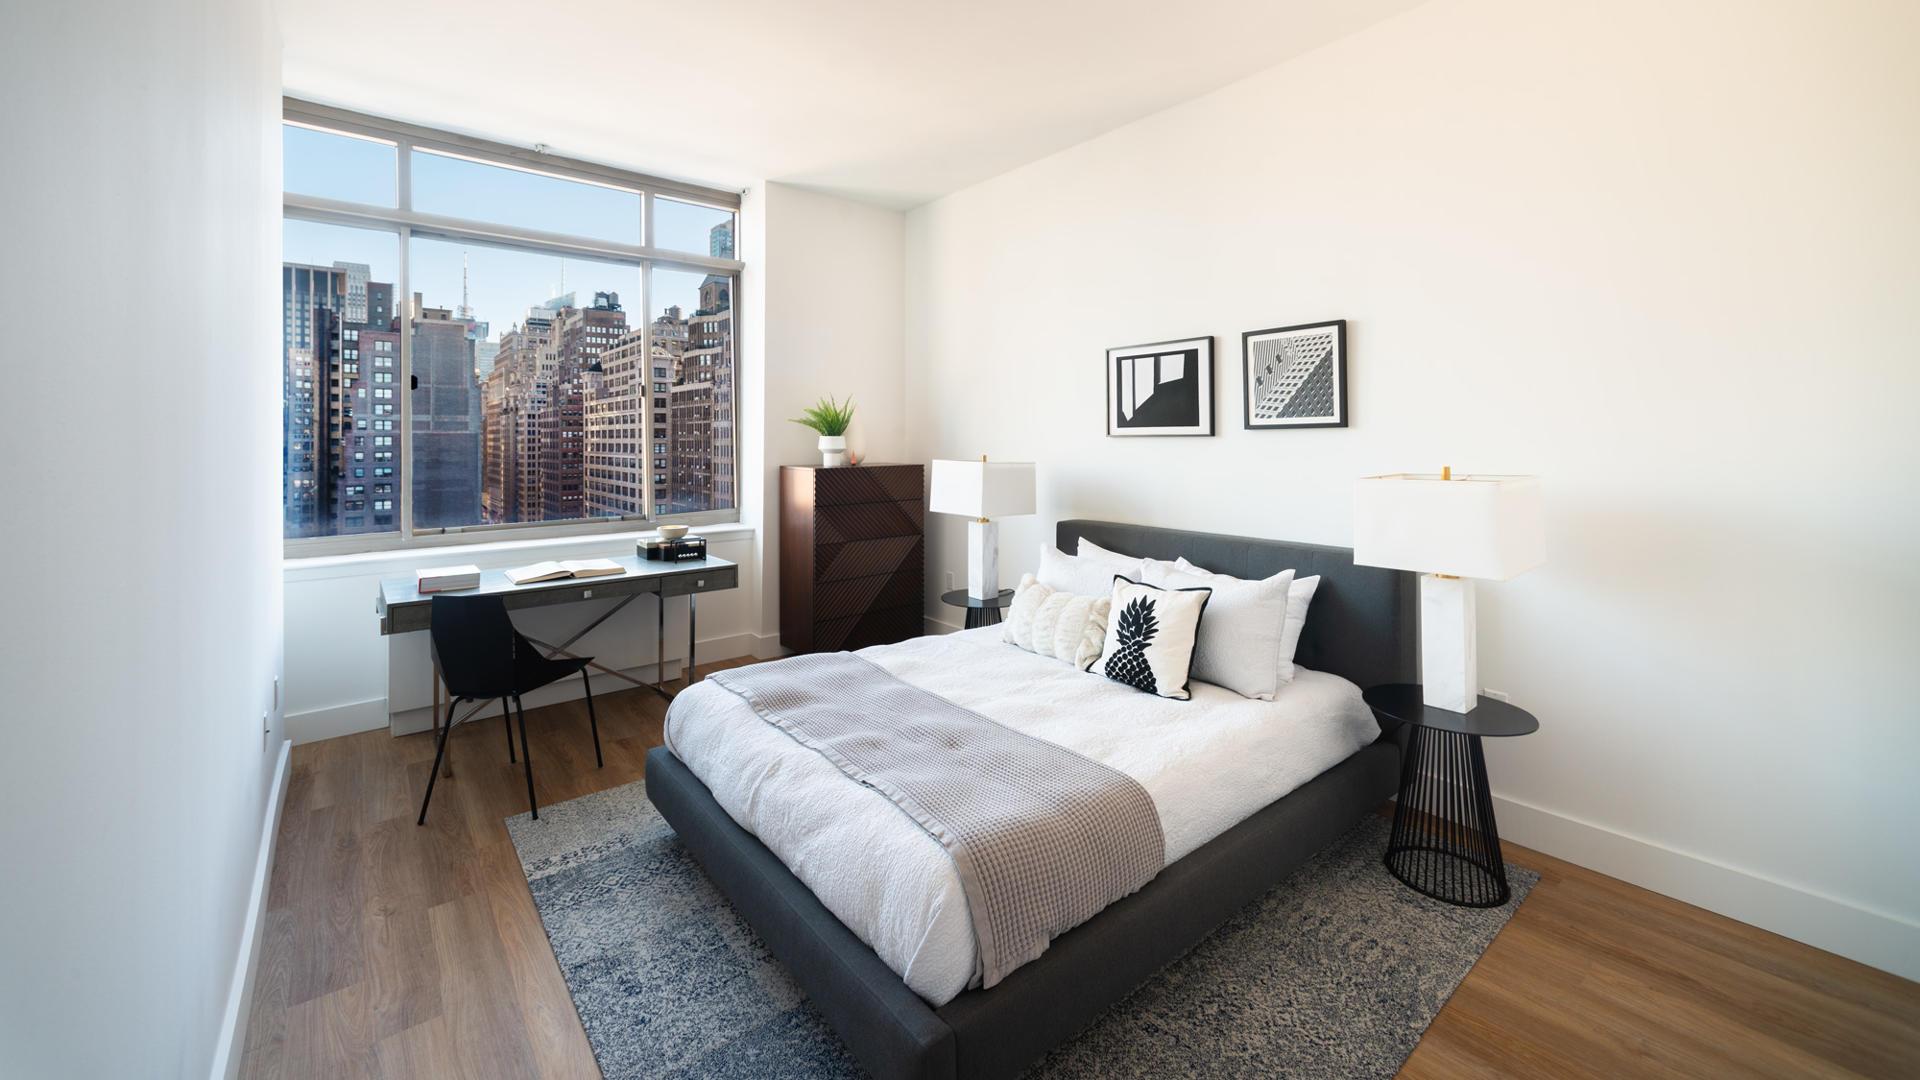 1 Bedroom Bedrooms, ,2 BathroomsBathrooms,Apartment,For Rent,1016